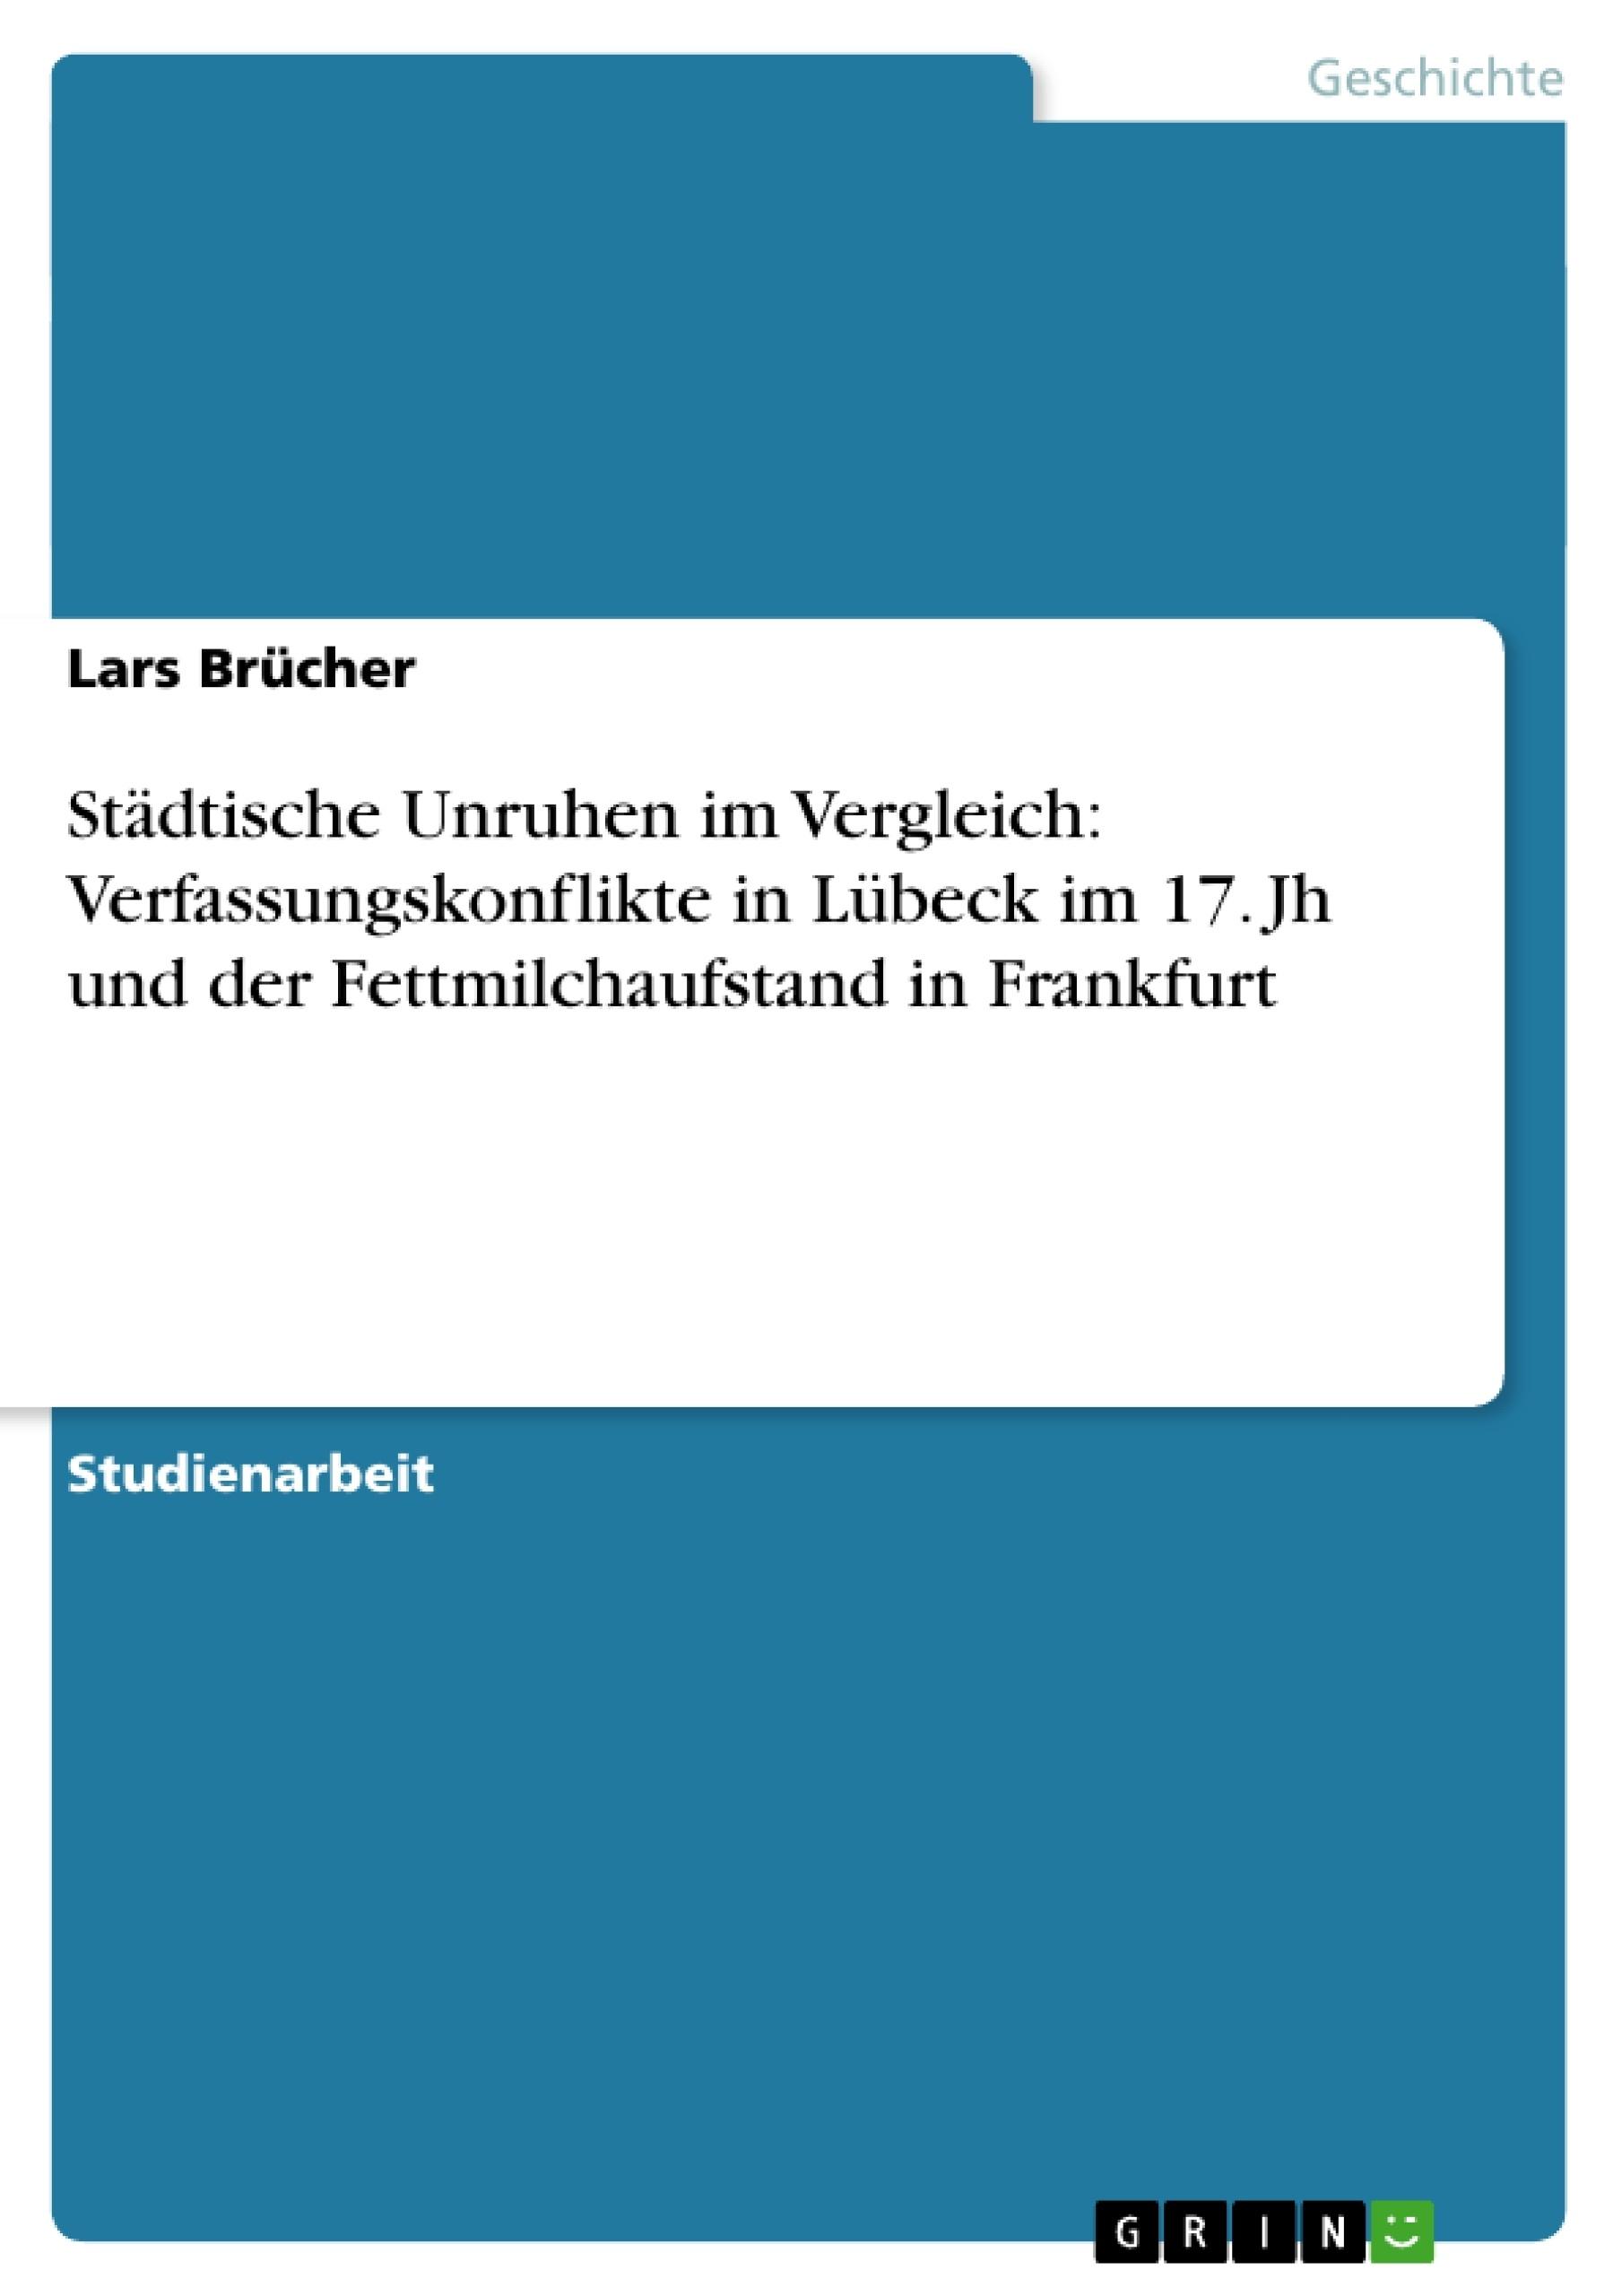 Titel: Städtische Unruhen im Vergleich: Verfassungskonflikte in Lübeck im 17. Jh und der Fettmilchaufstand in Frankfurt